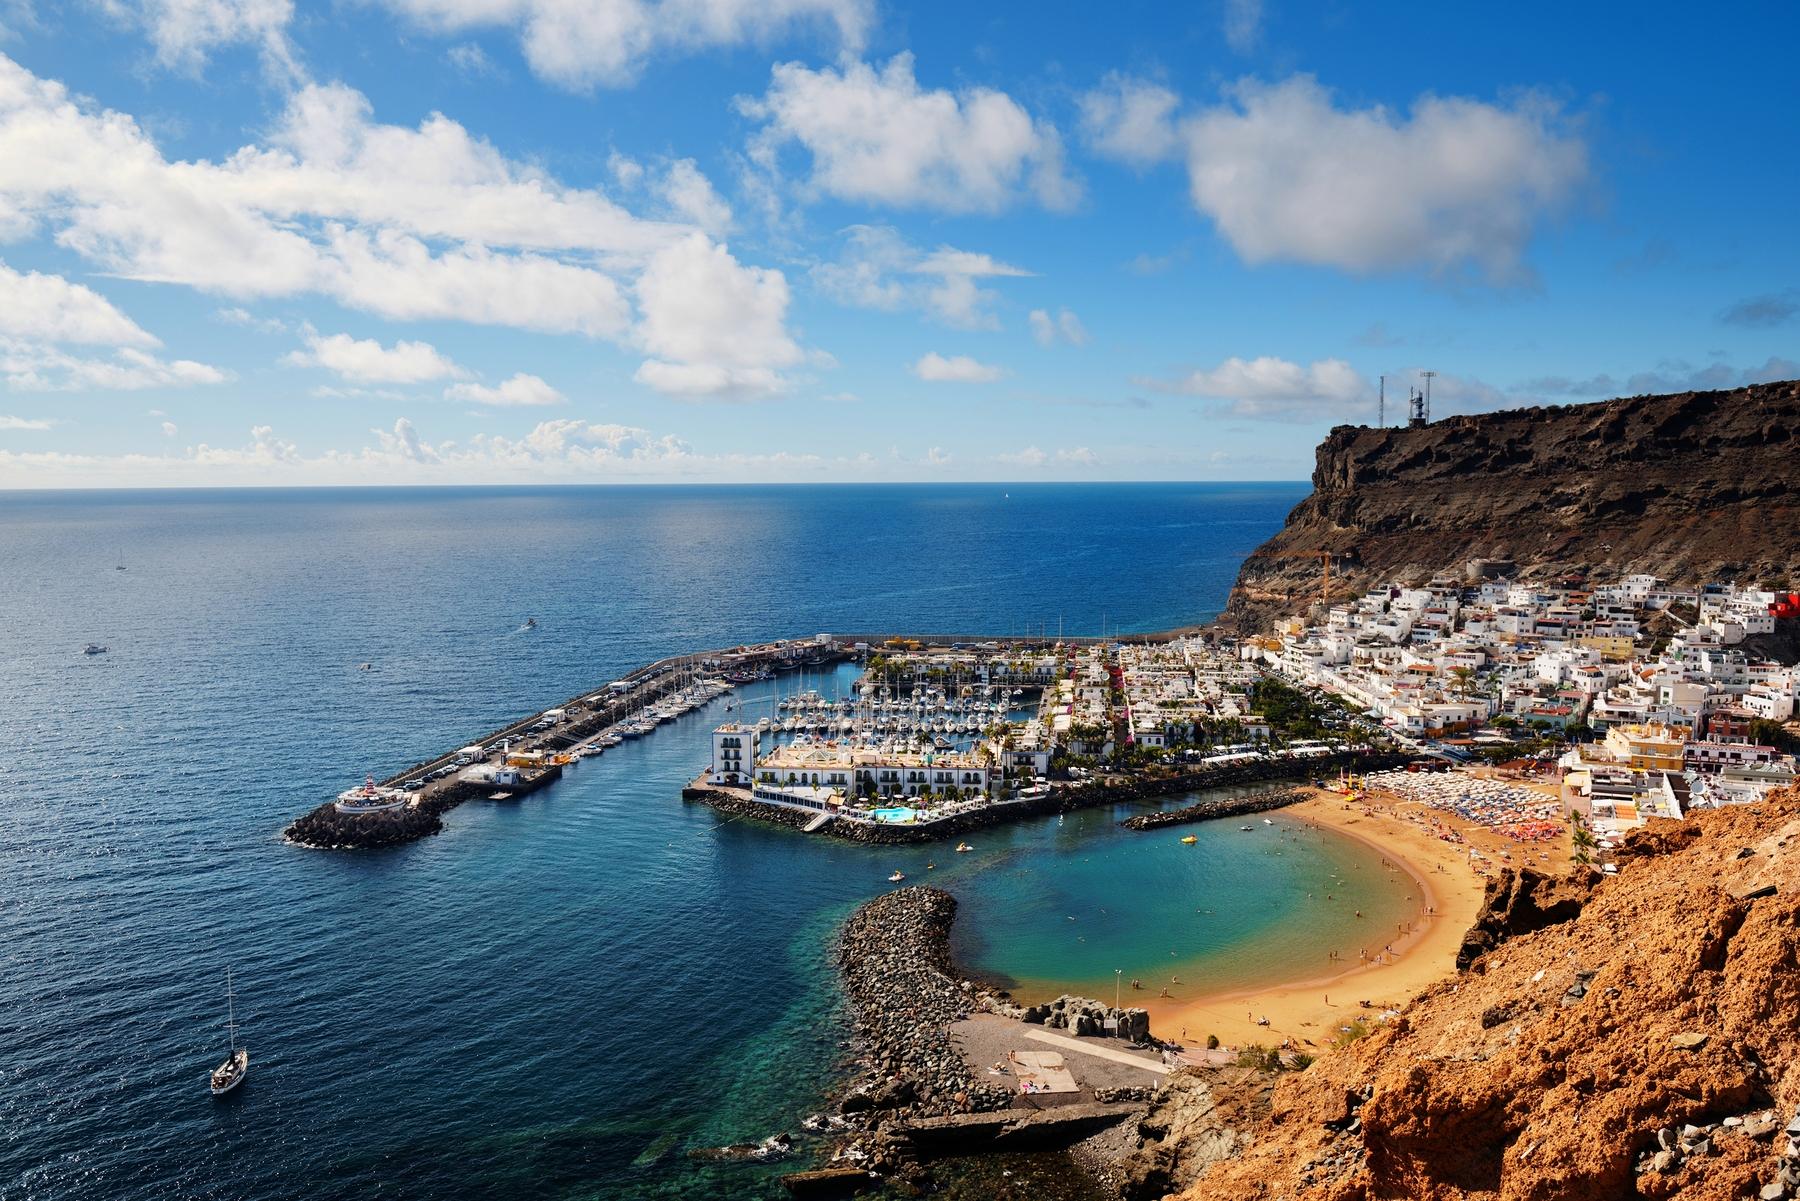 Spiagge gran Canaria: Come arrivare a Gran Canaria